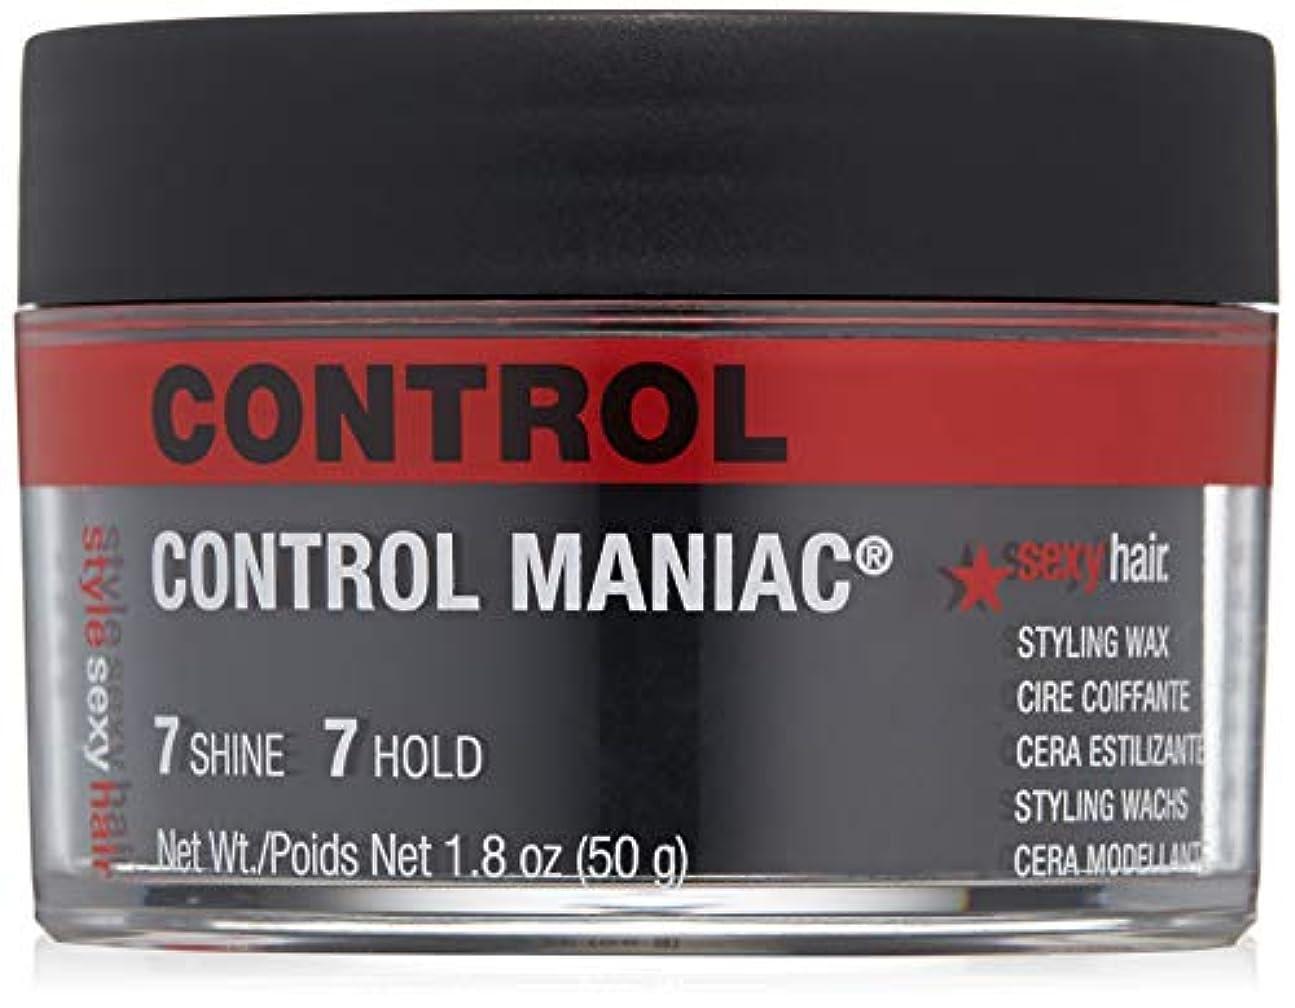 任意蒸発選択するセクシーヘアコンセプト - スタイル ワックス コントロール マニアック スタイリング ワックス - 50g/1.8oz